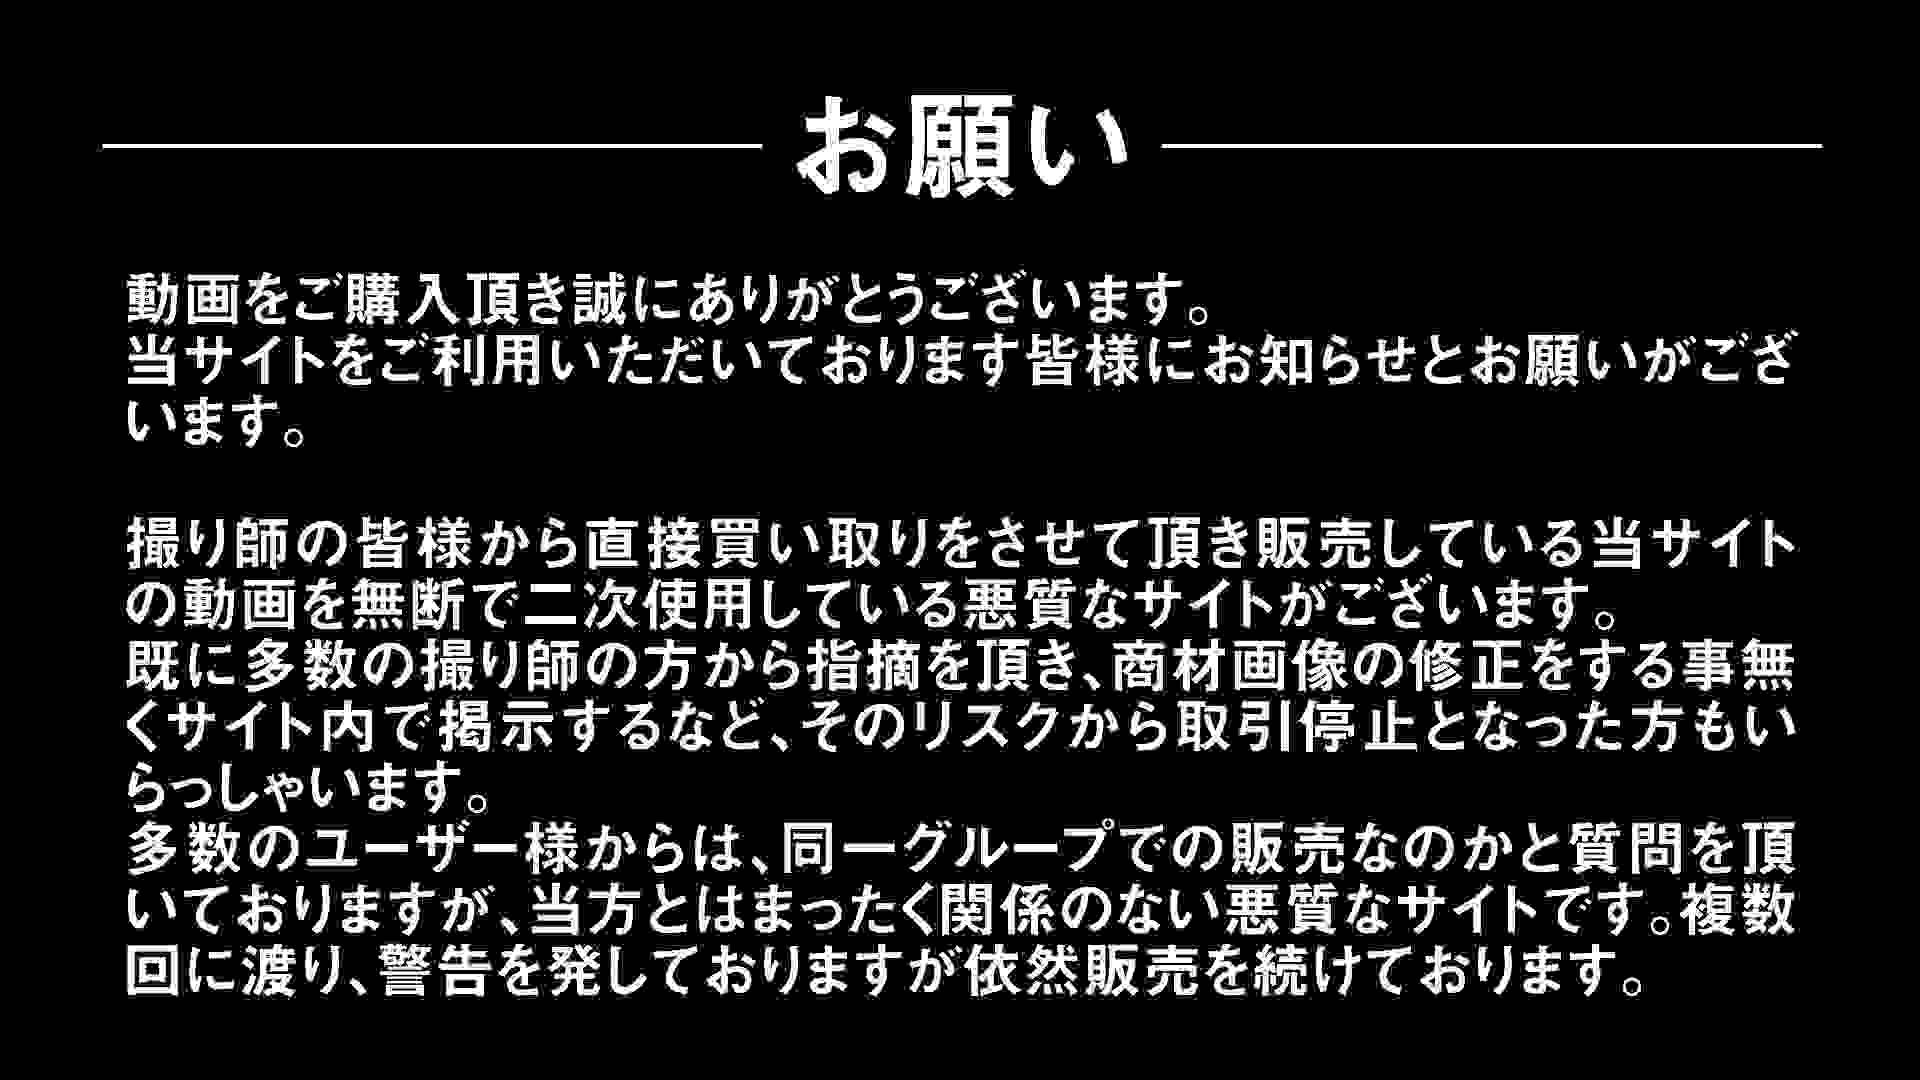 Aquaな露天風呂Vol.296 盗撮シリーズ  102PIX 2